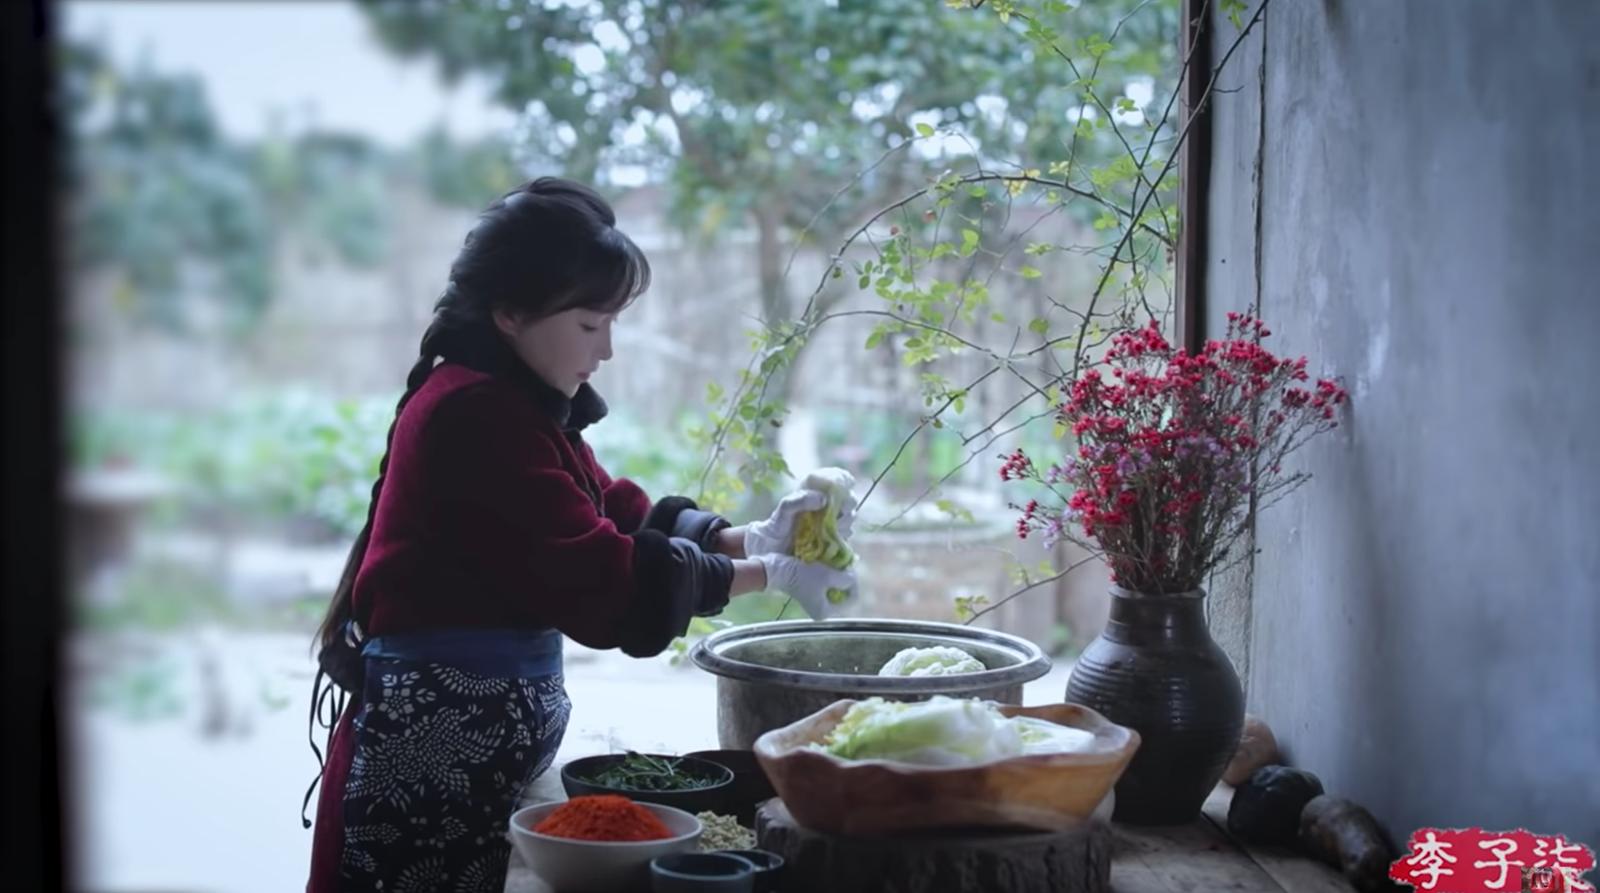 Lý Tử Thất gây tranh cãi khi dùng kim chi nấu ăn nhưng vẫn ghi là ẩm thực Trung Quốc? - Ảnh 3.